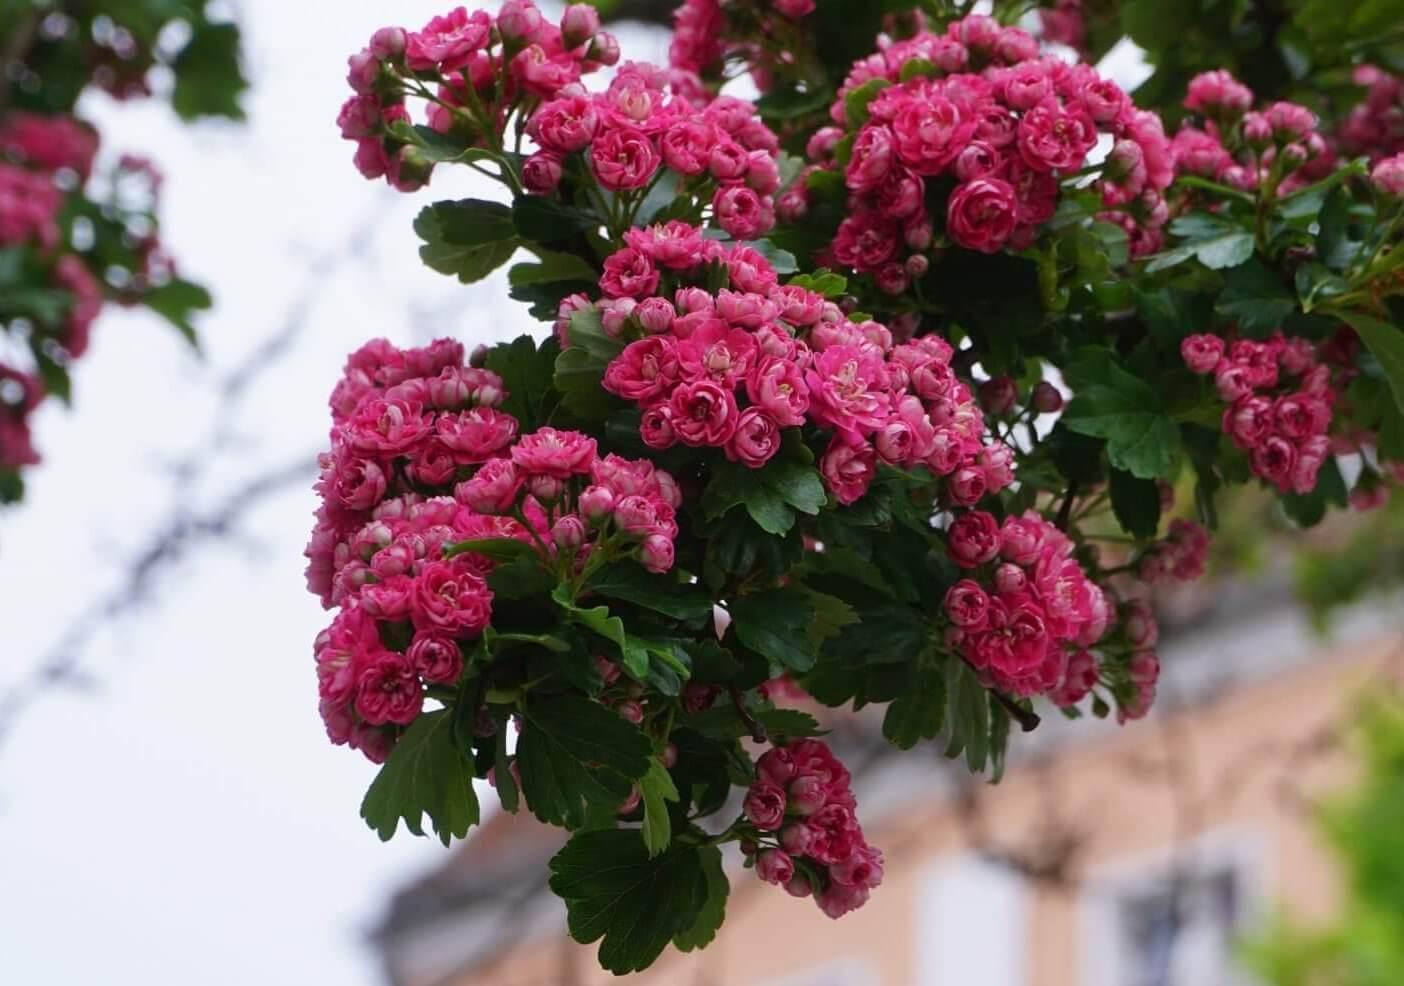 Das Bild zeigt die rosettenartig gefüllten Blüten eines Rotdorns am Mandrellaplatz in Köpenick.